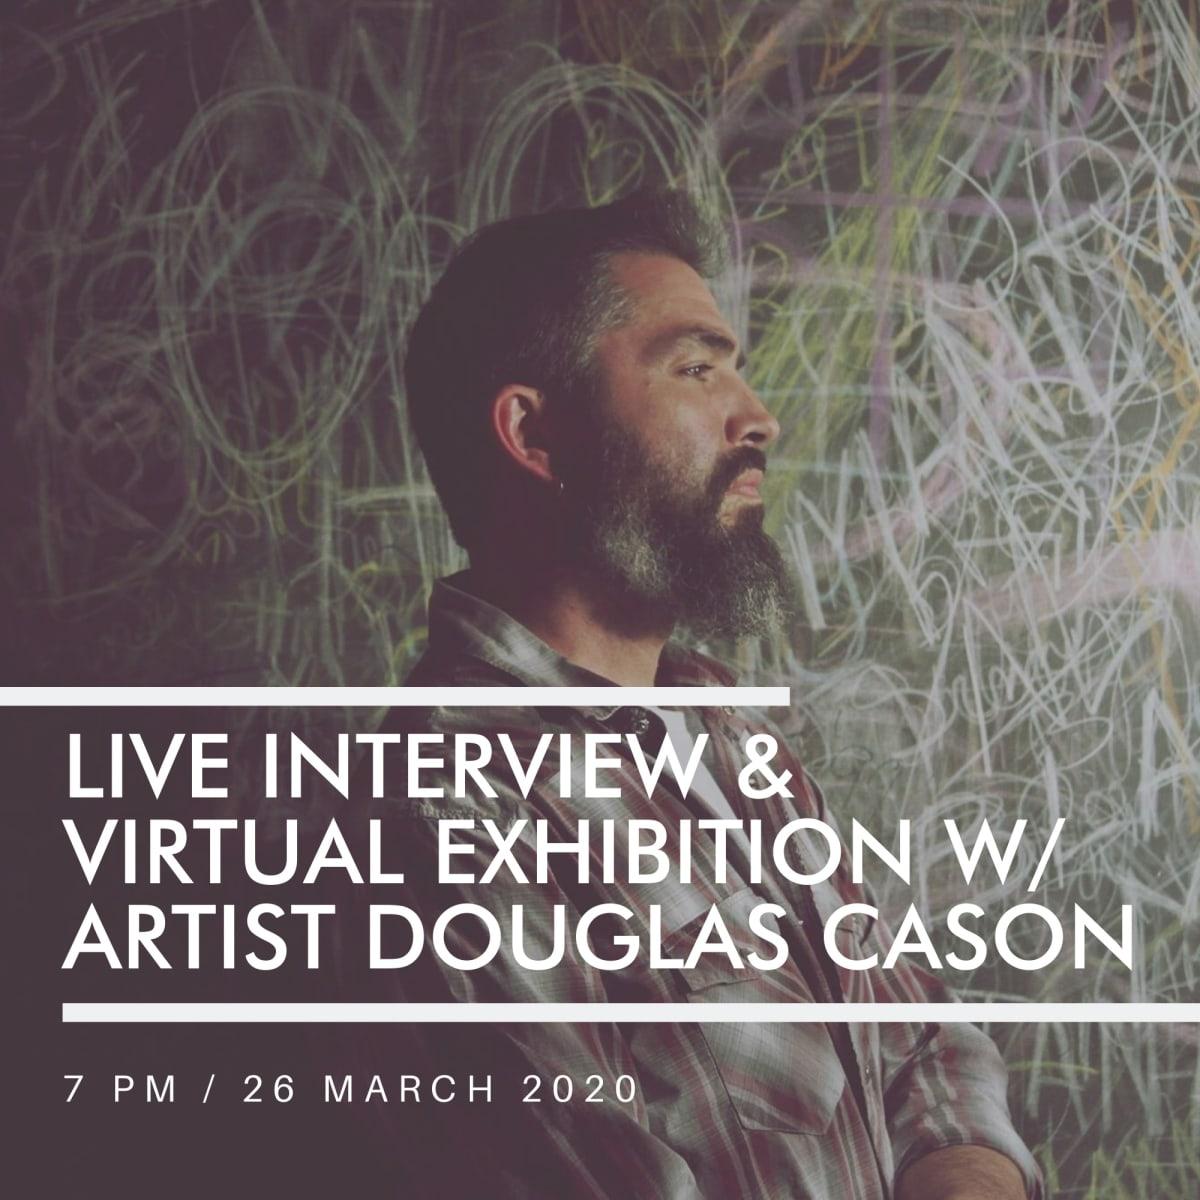 LIVE Interview & Virtual Exhibition w/ Artist Douglas Cason, LIVE FACEBOOK EVENT 7 PM